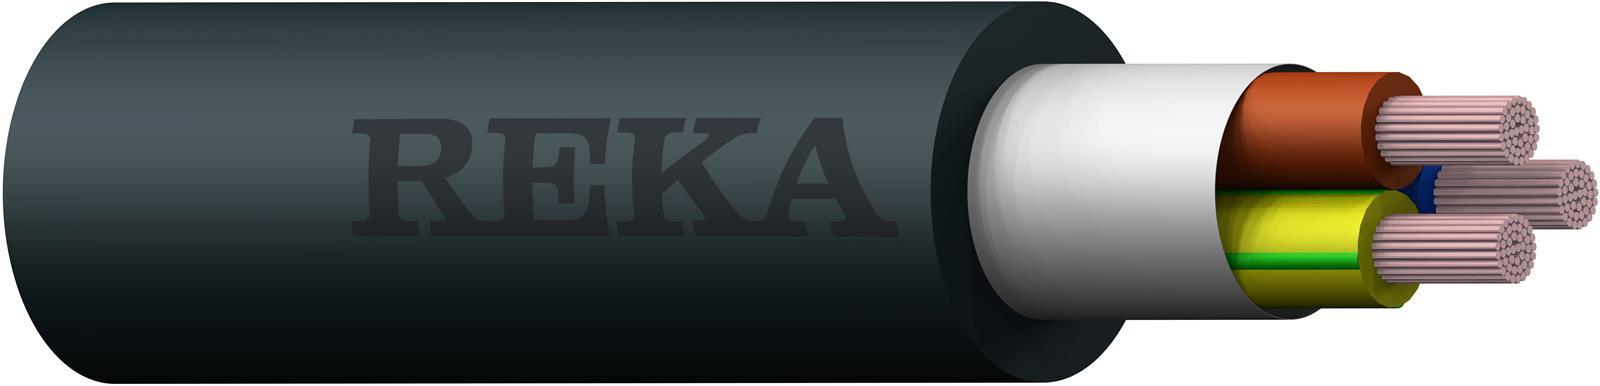 REKAFLEX 3G2,5 T500